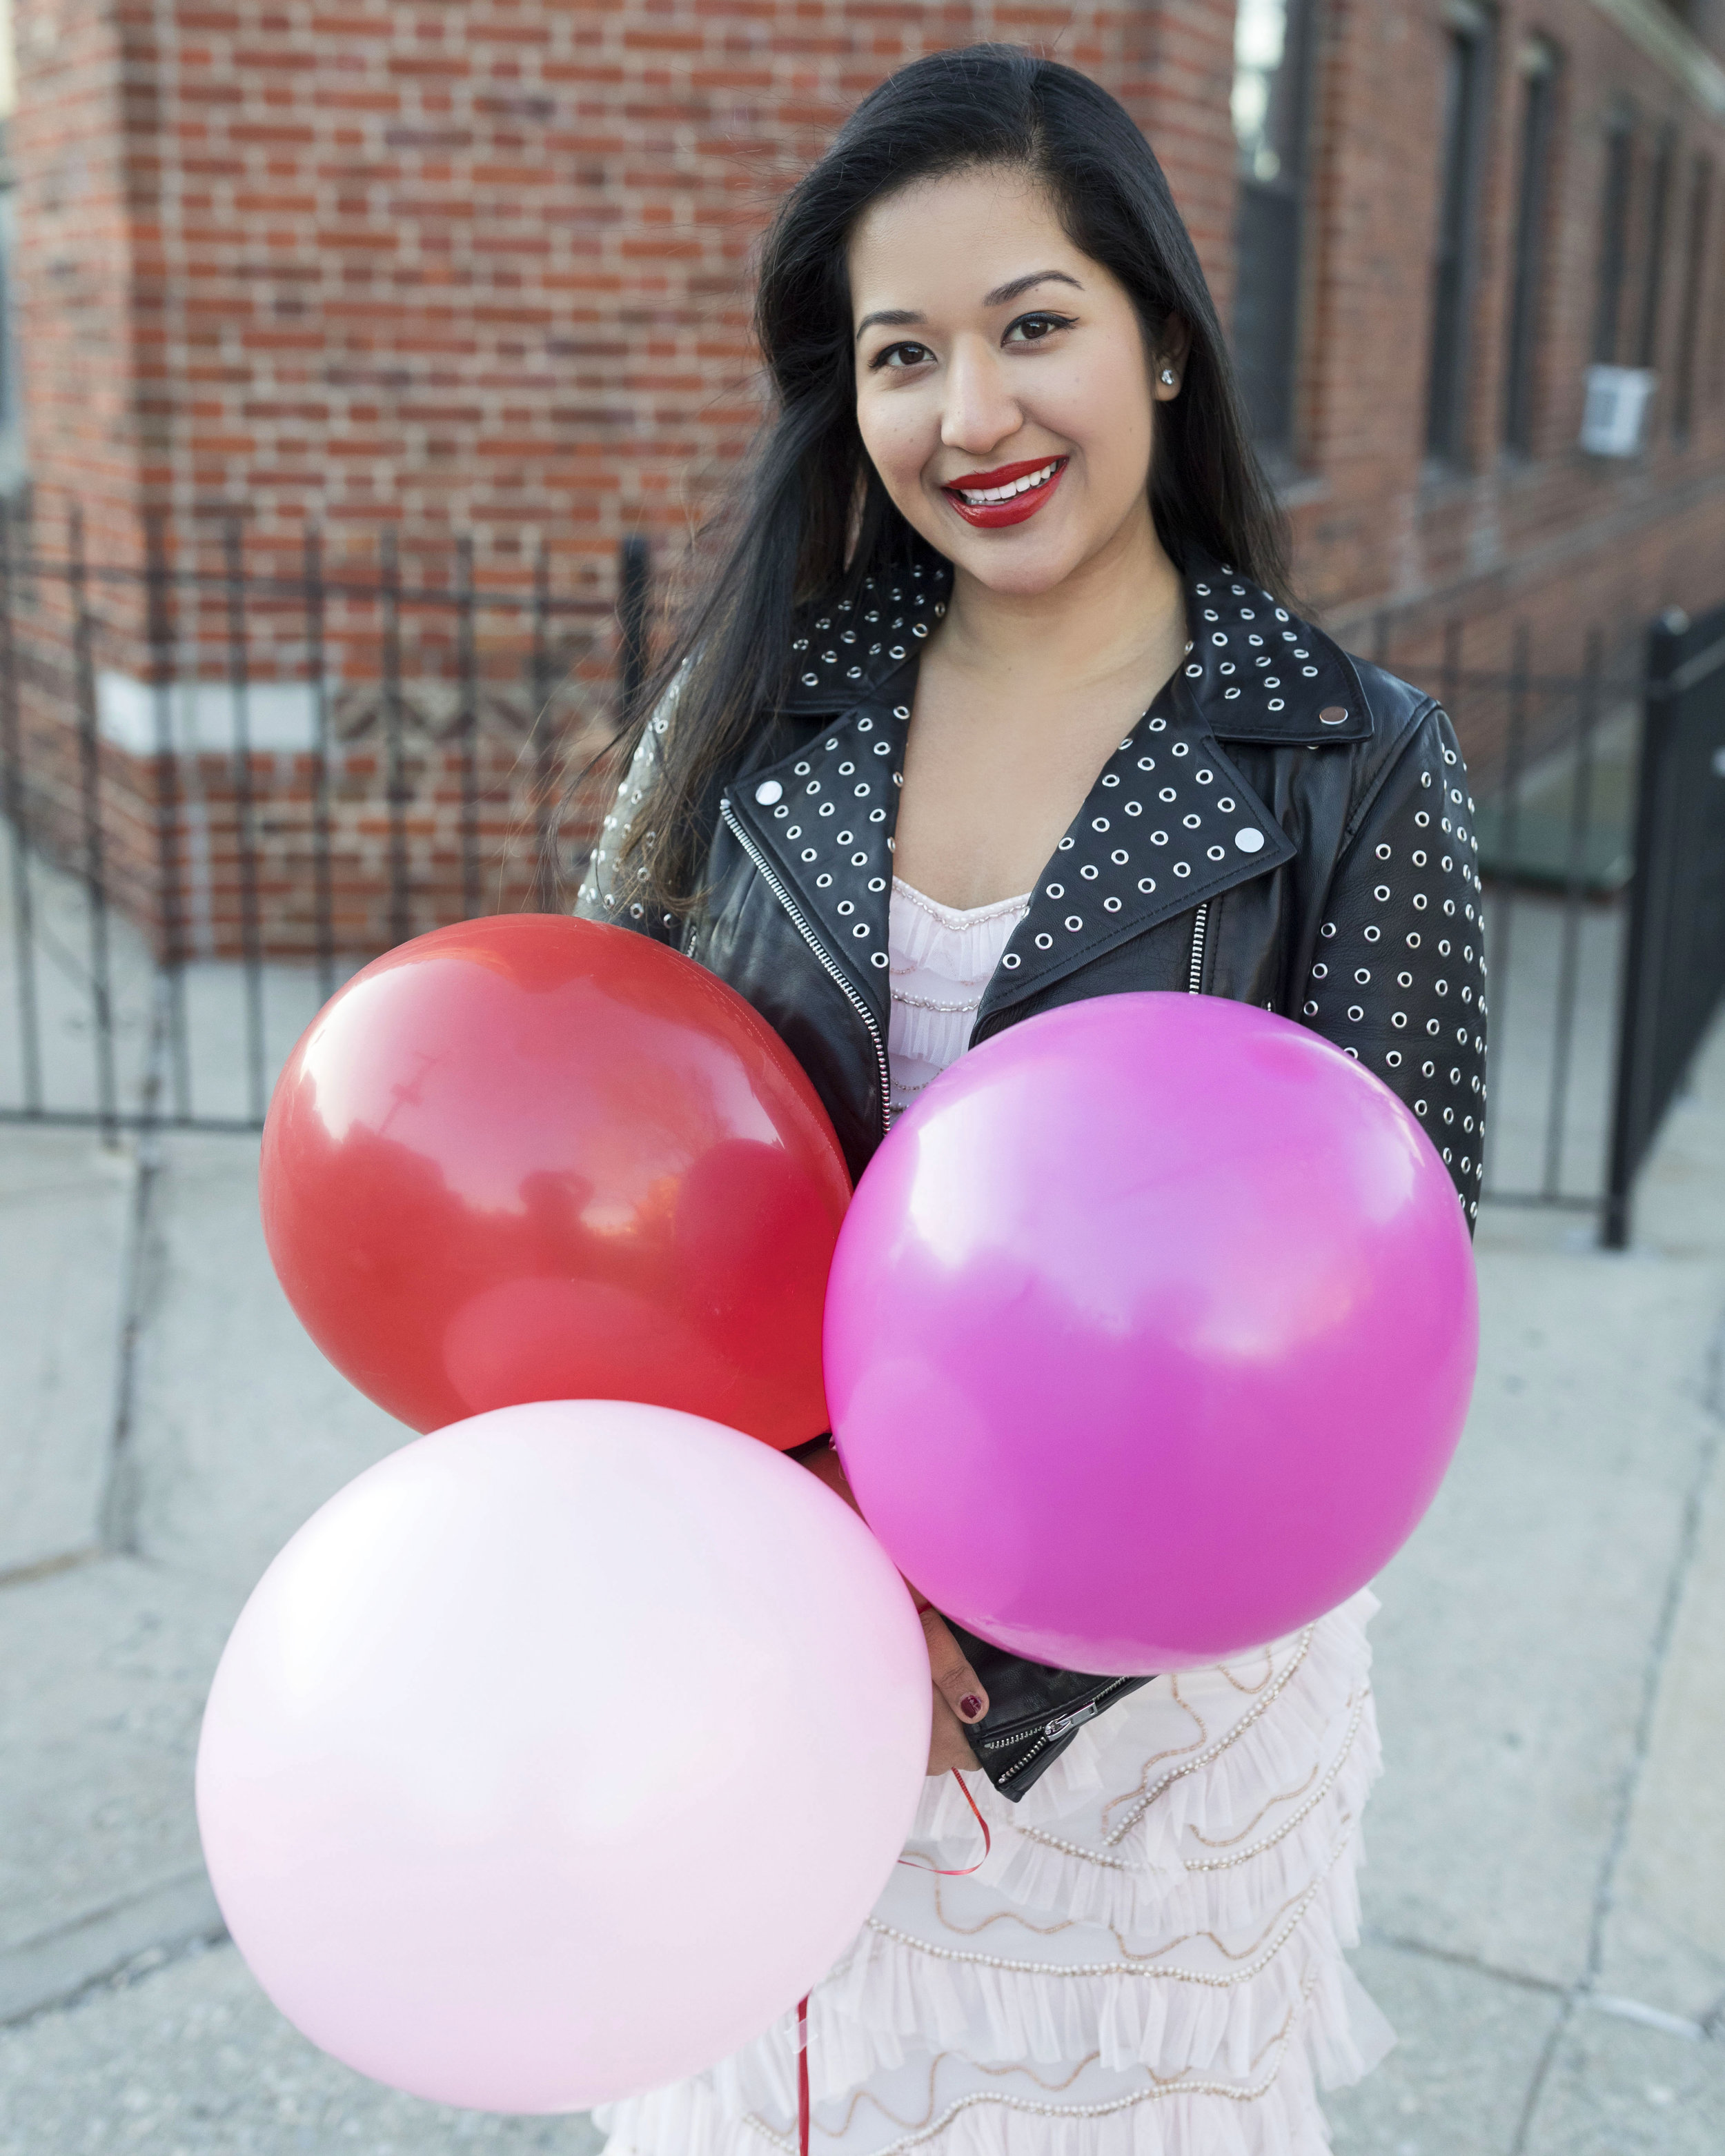 Krity S x Pink Ruffle Aidan Mattox Dress x Valentine's Day9.jpg